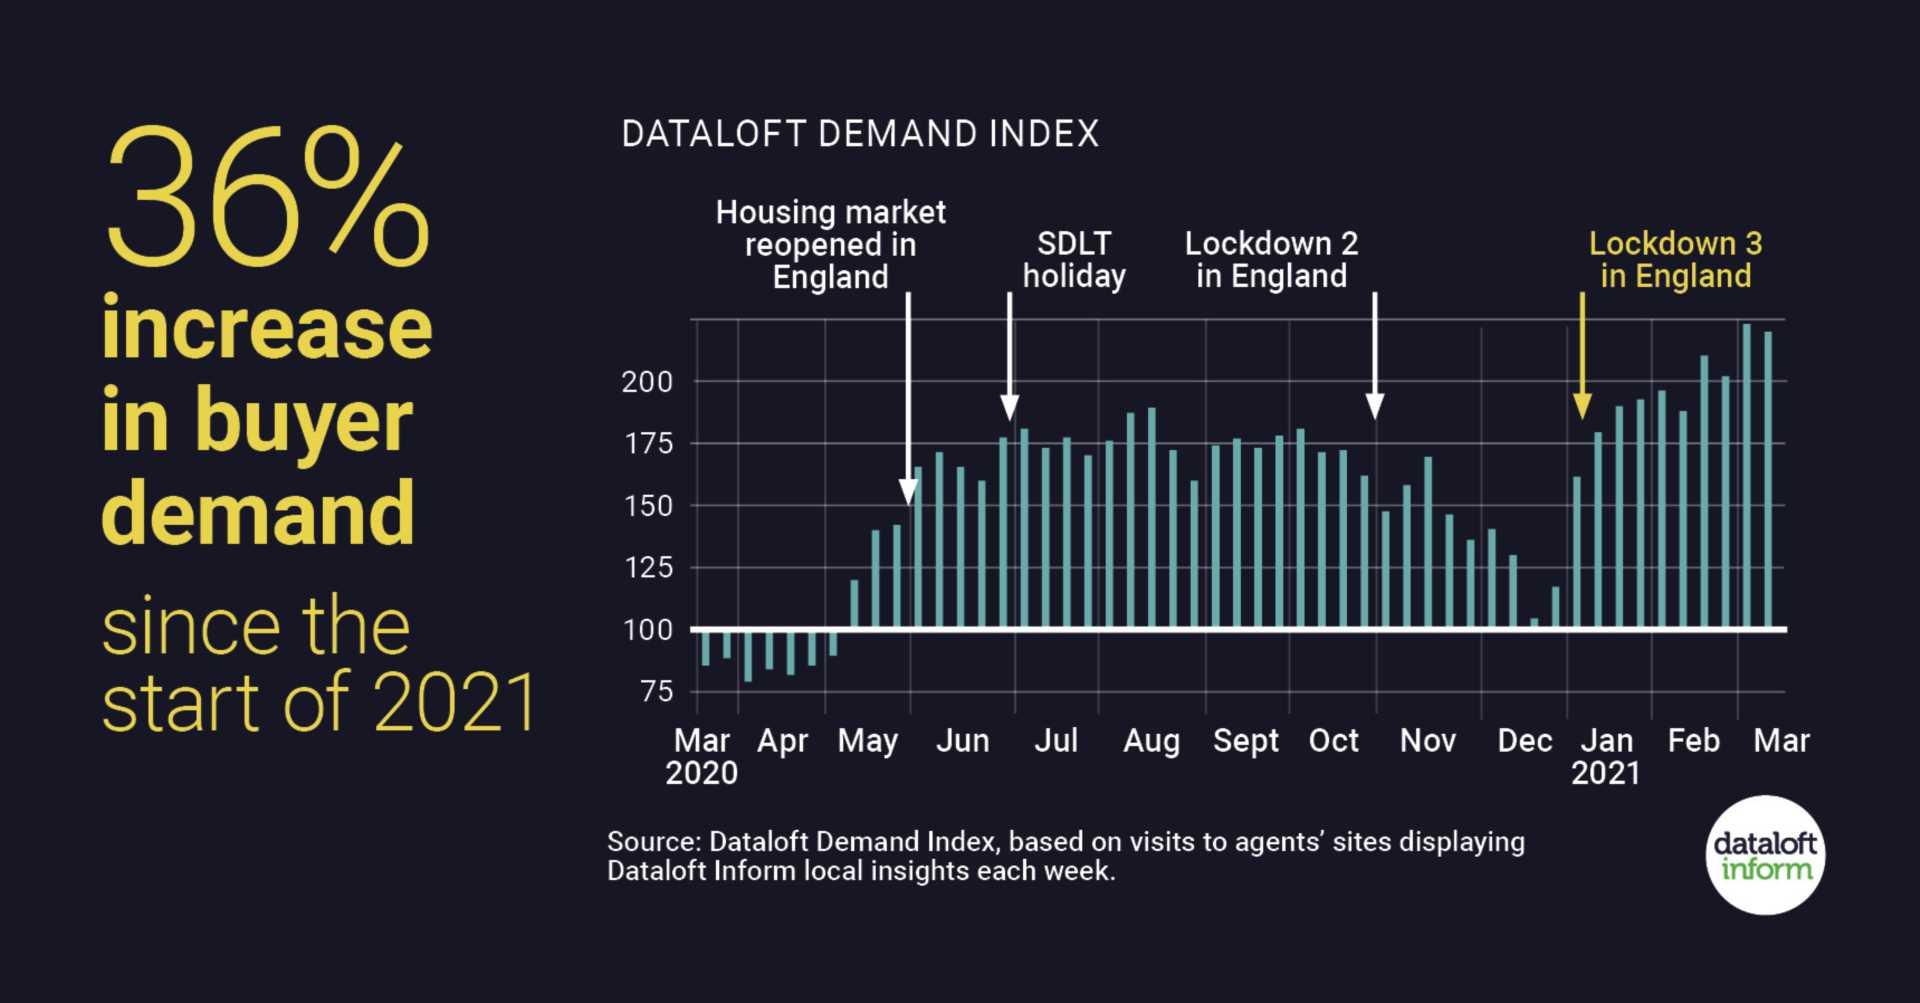 Buyer demand increase